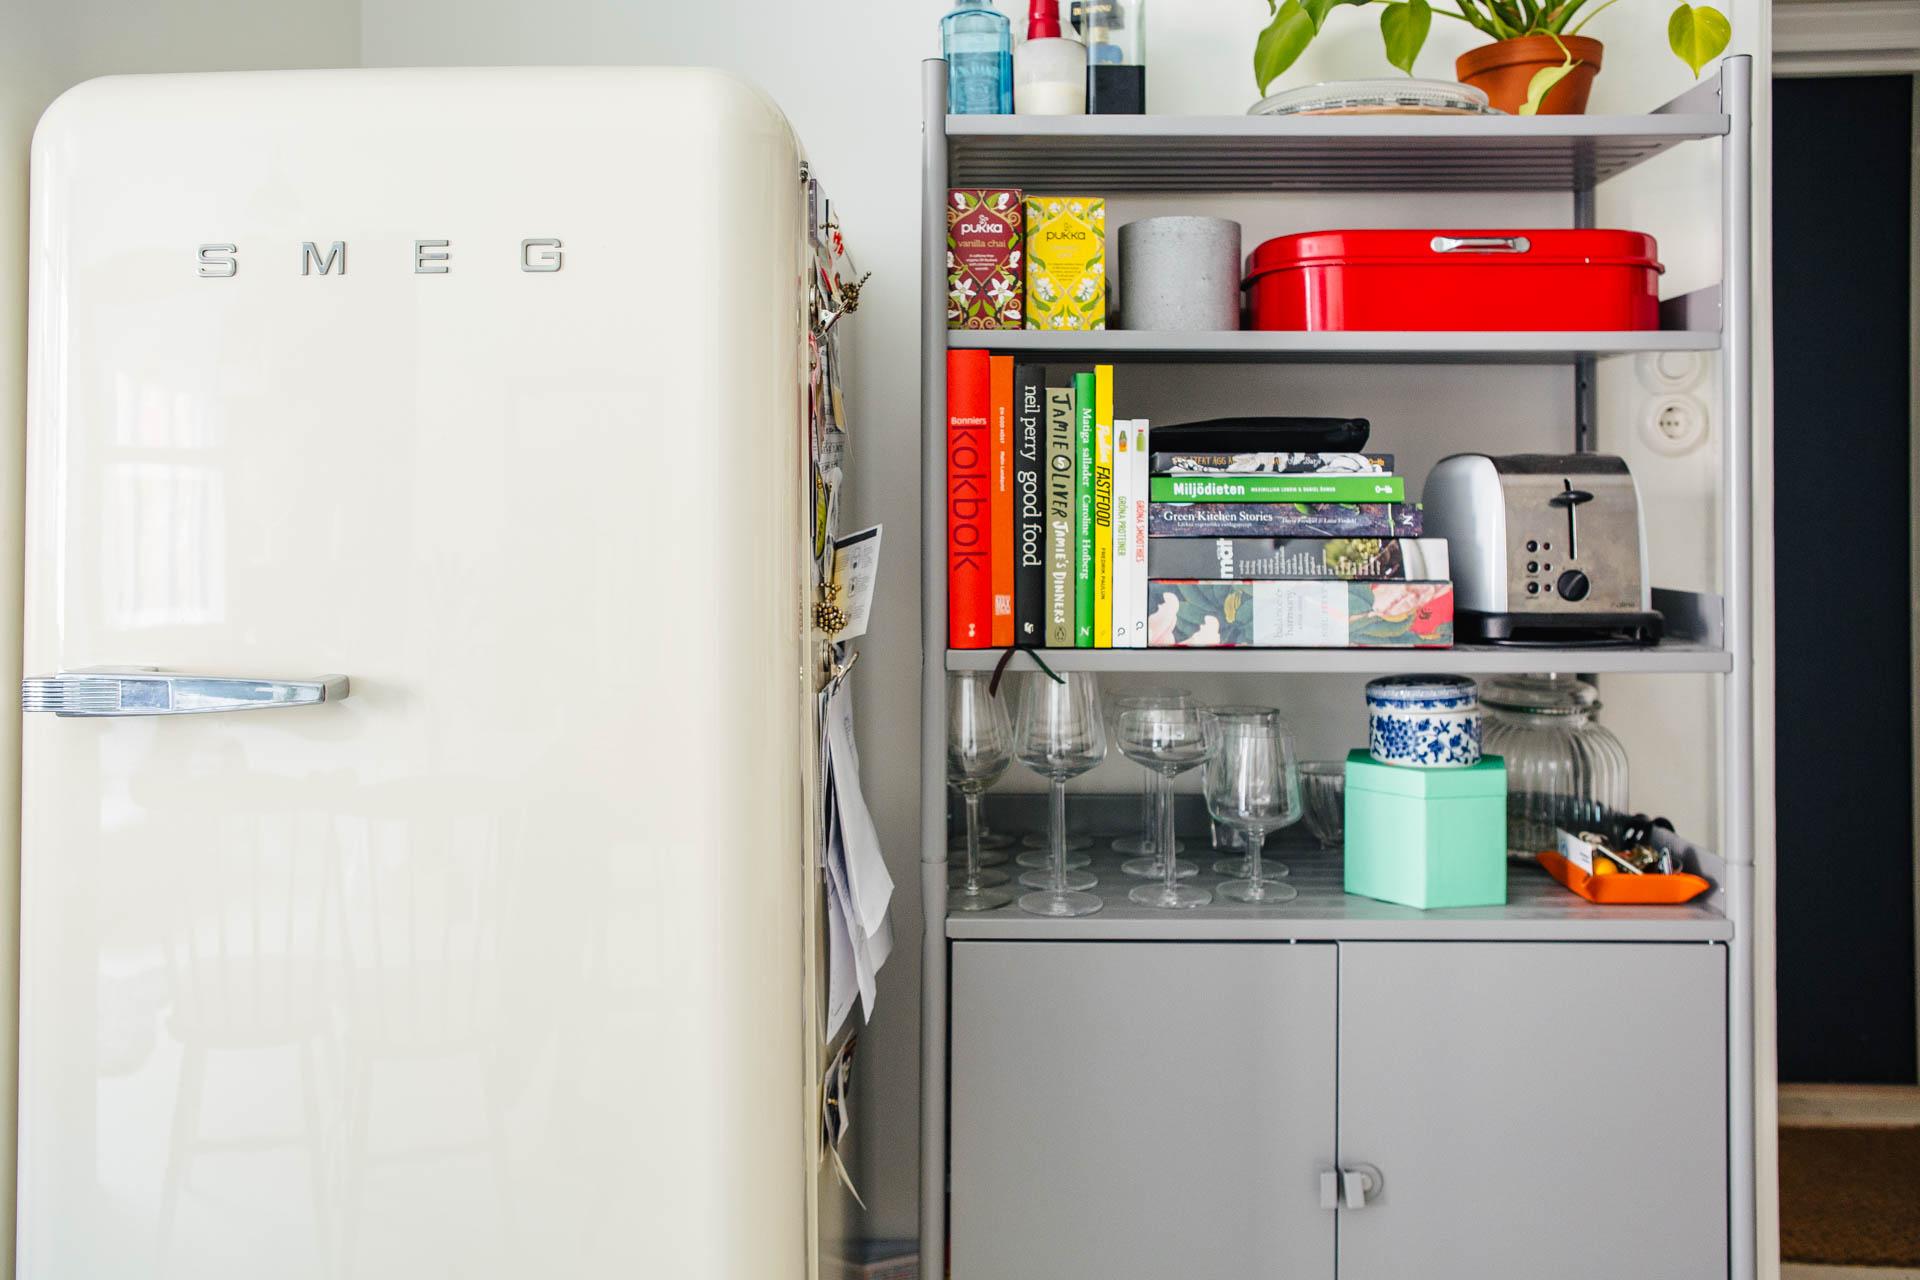 creme-smeg-koelkast